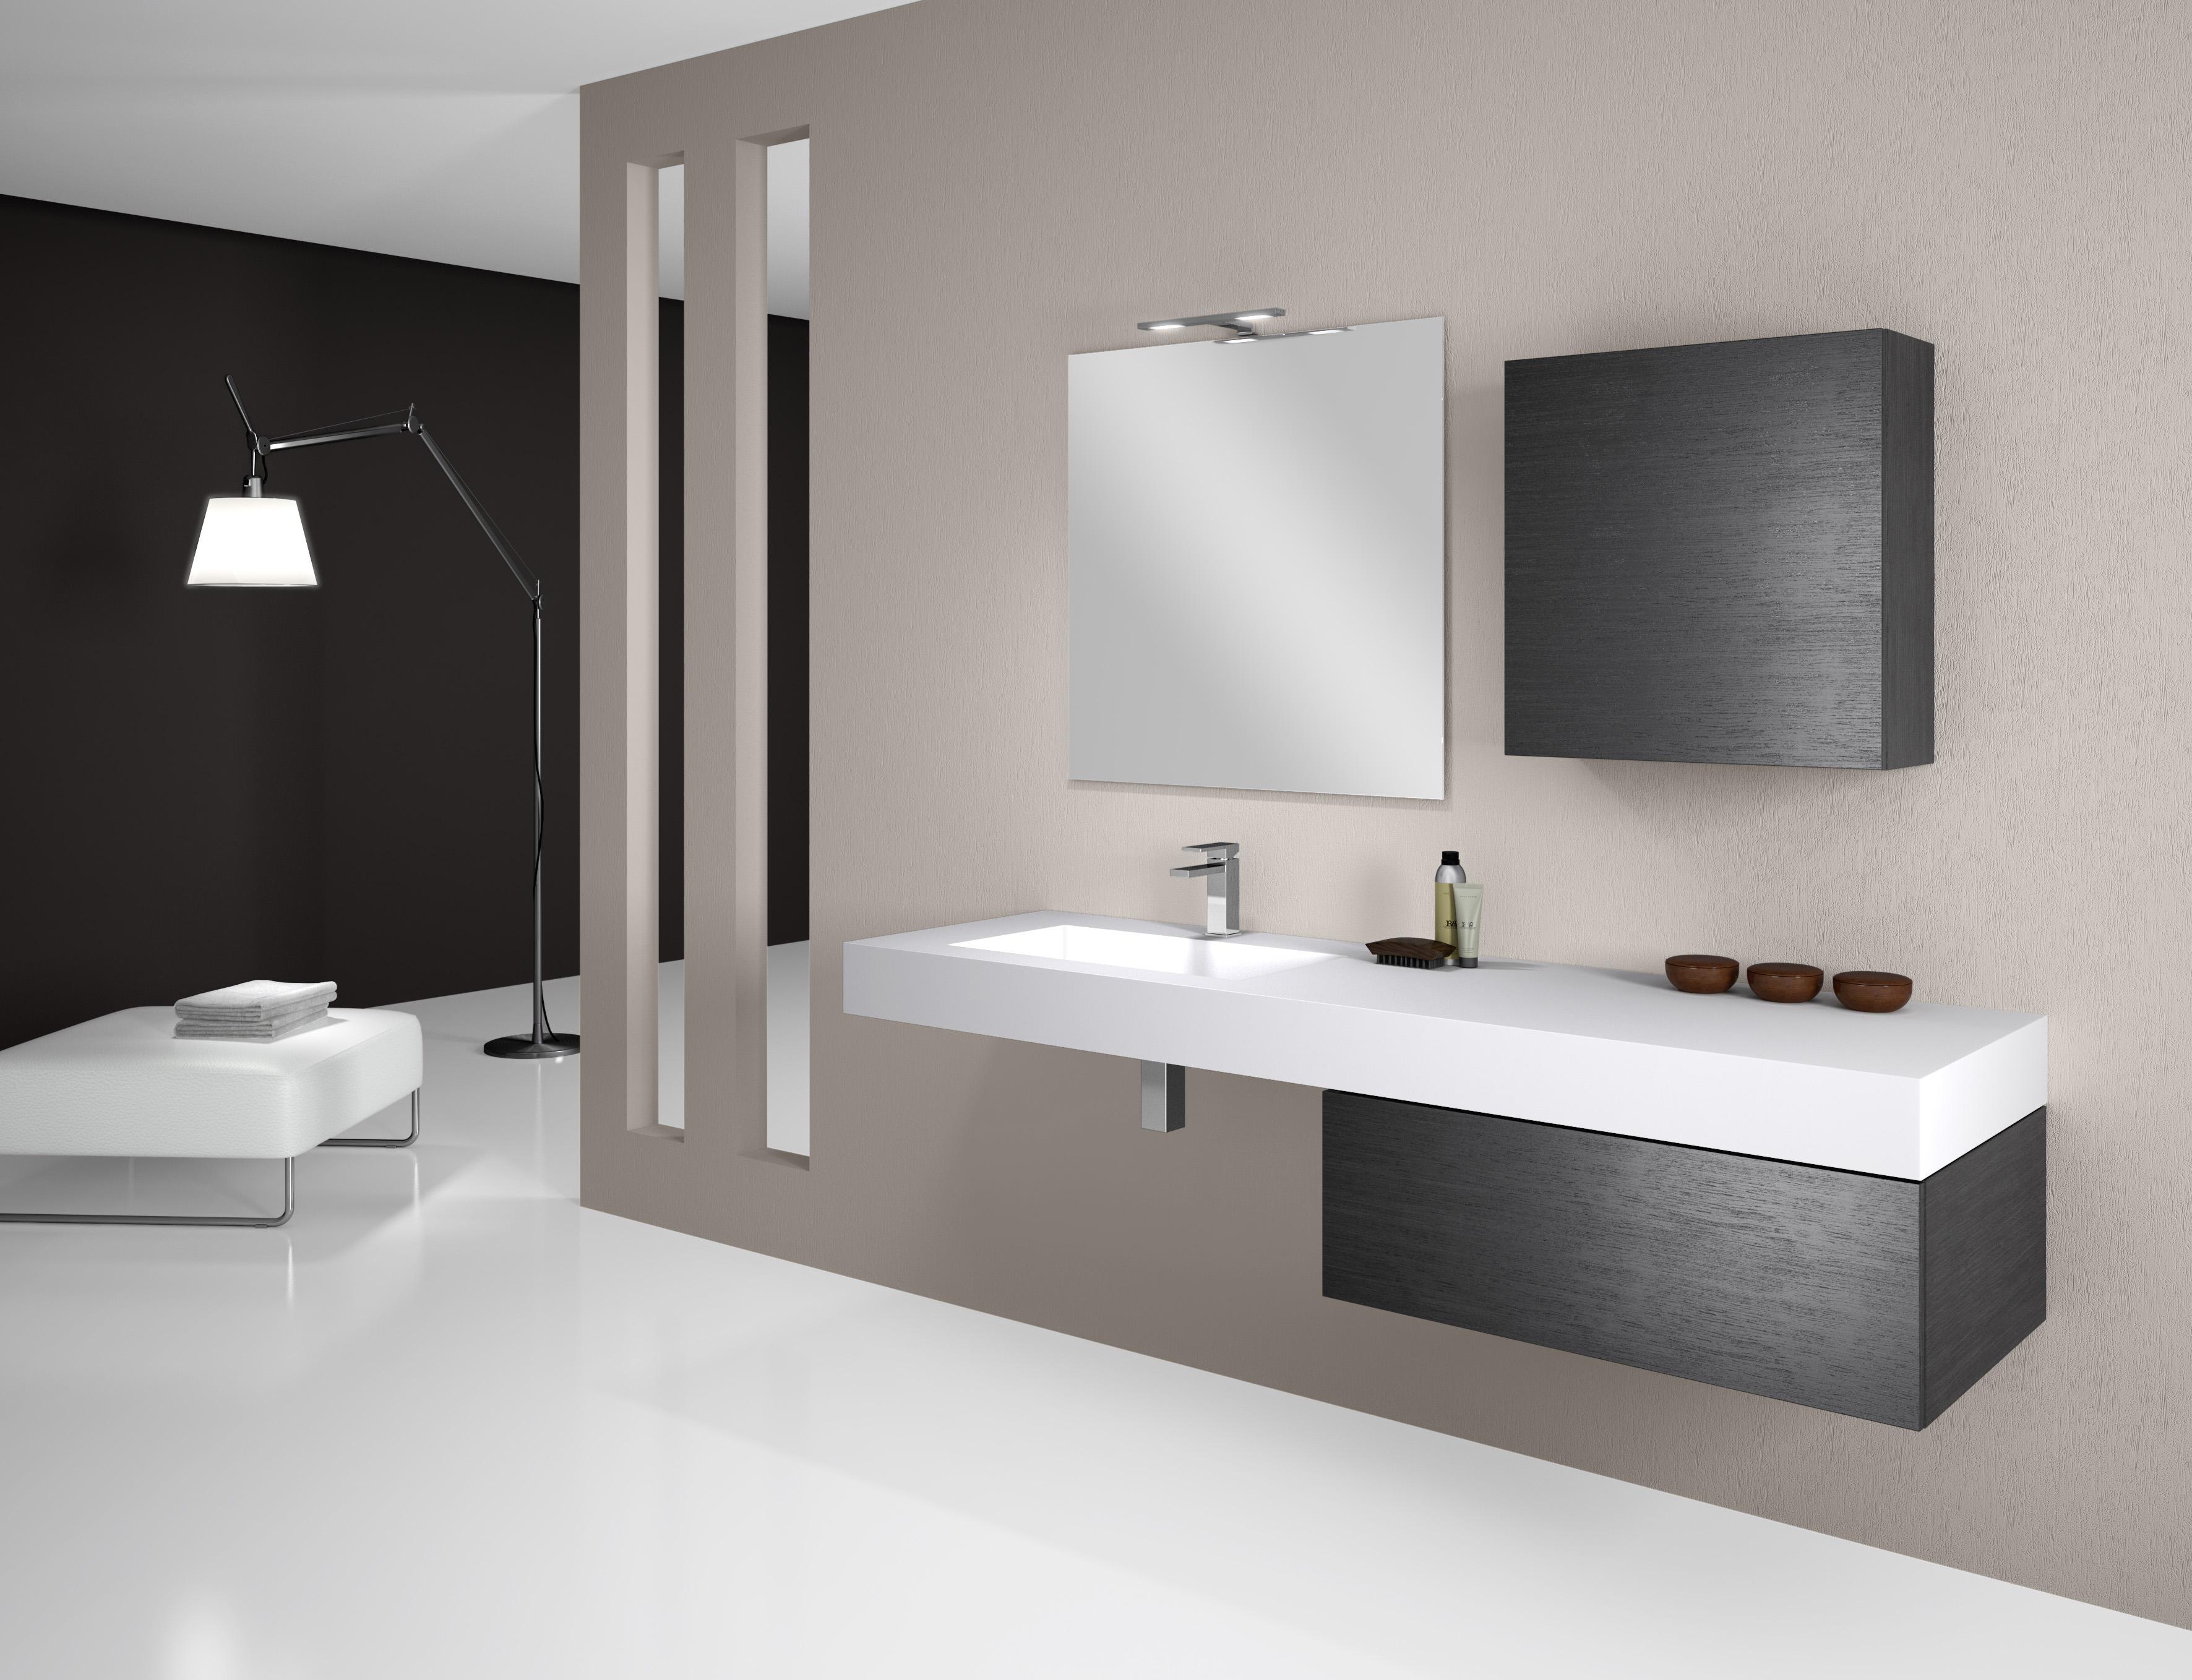 Bagno 2 X 2 iguazu - progetto bagno